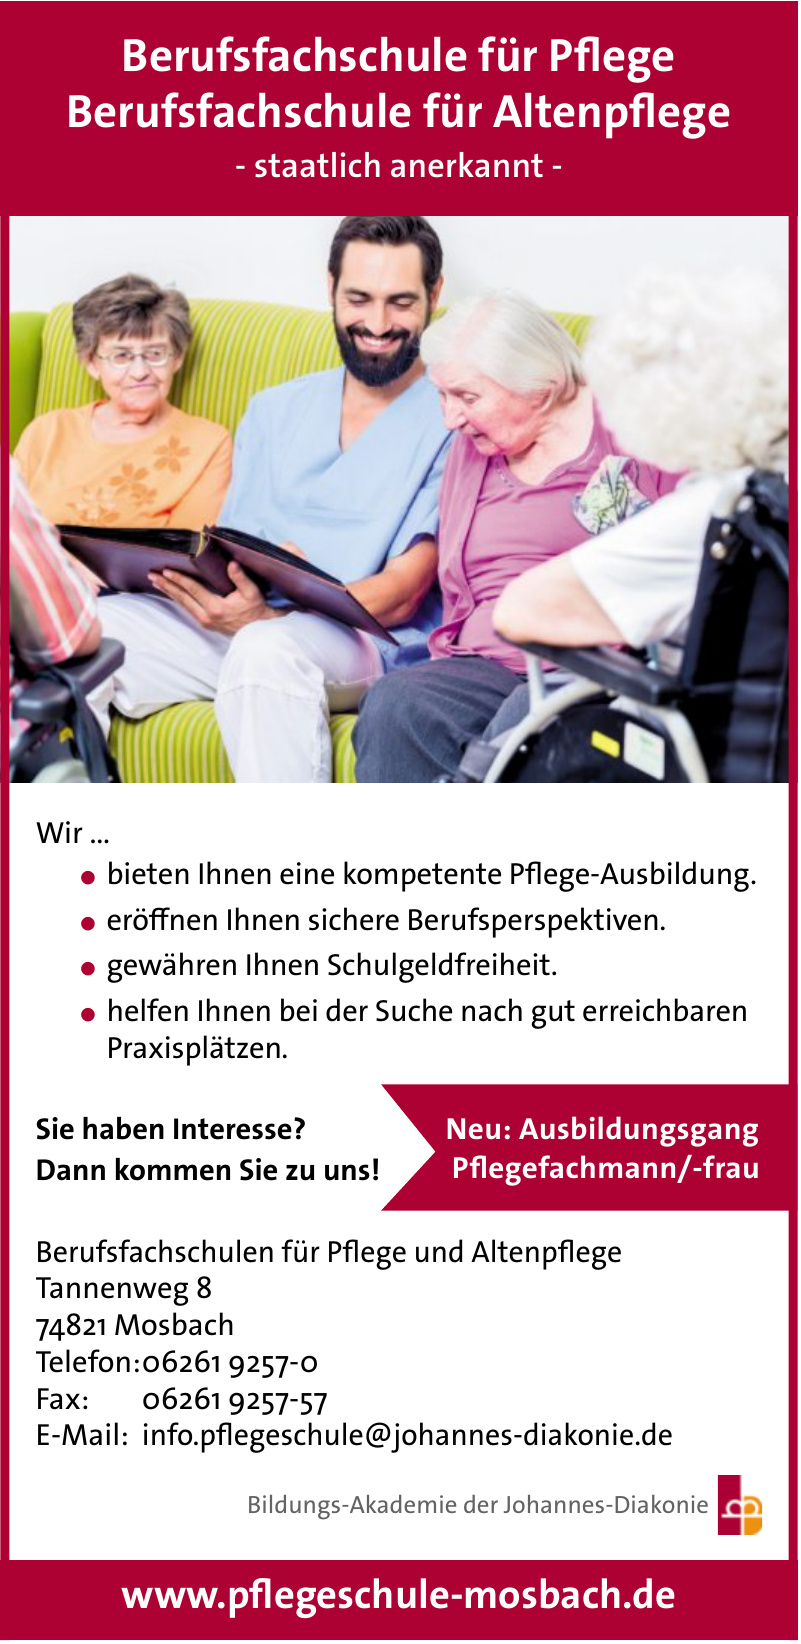 Berufsfachschulen für Pflege und Altenpflege